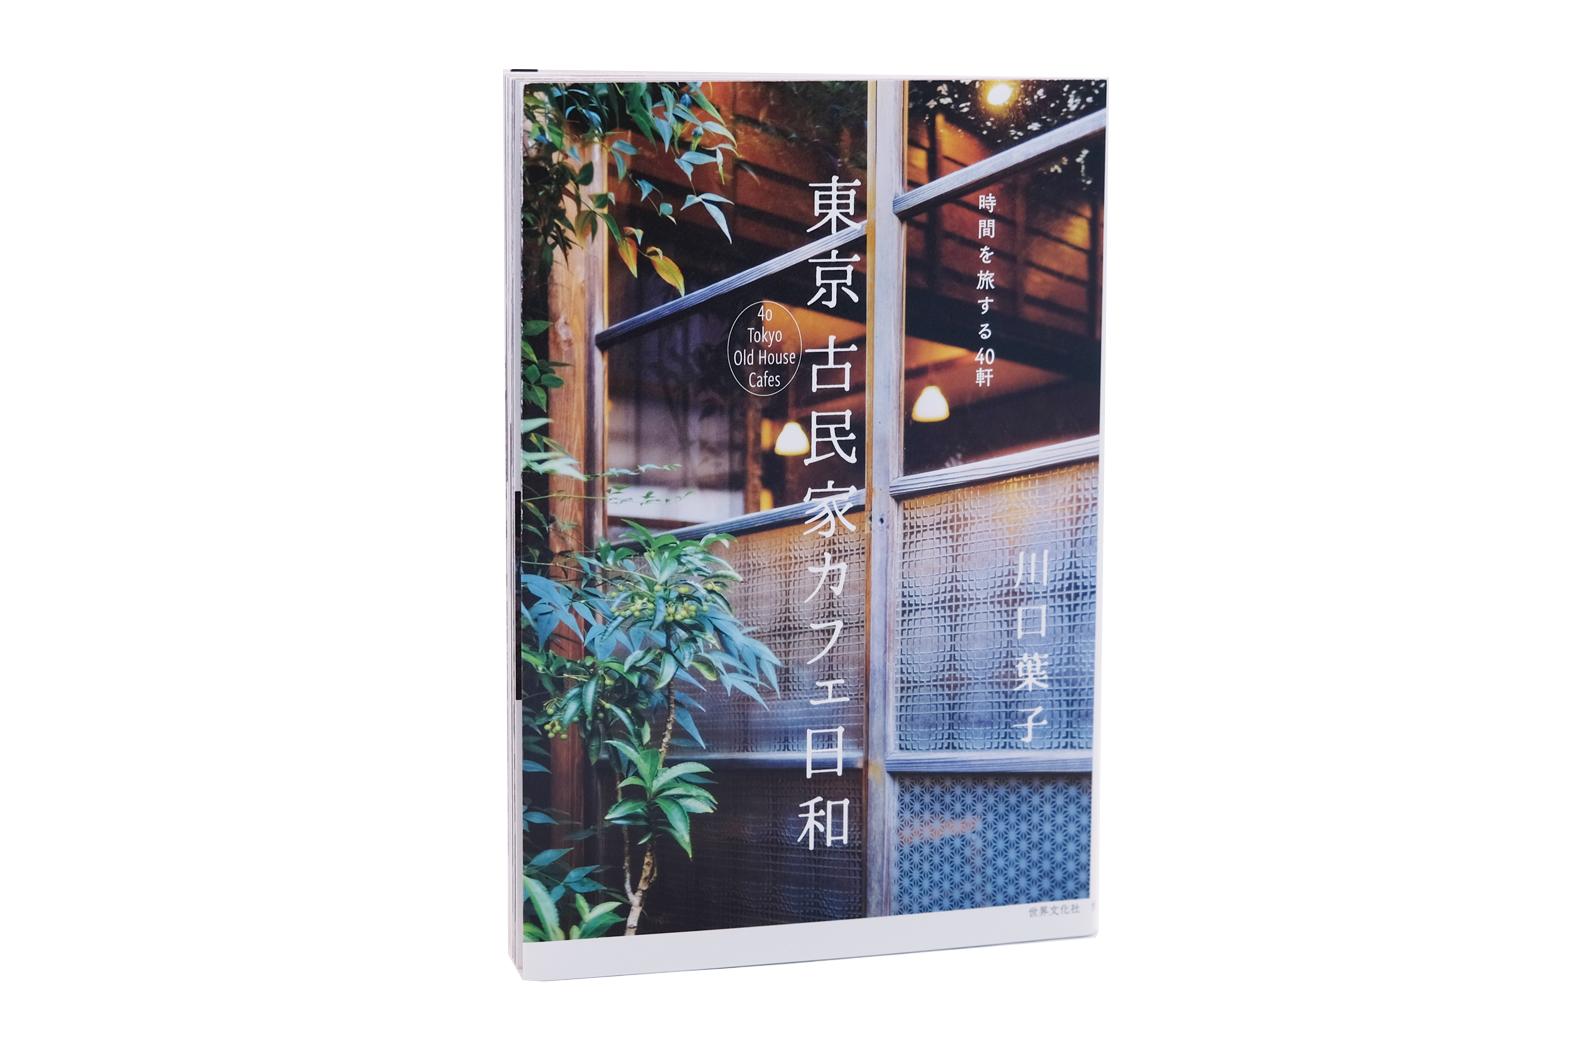 東京古民家カフェ日和_表紙.jpg